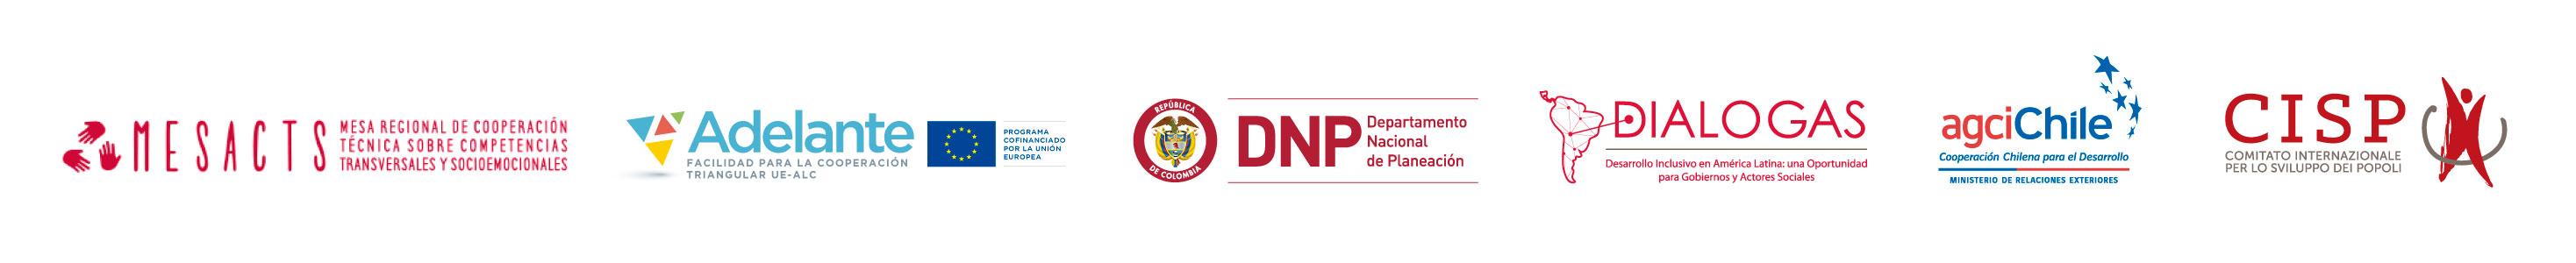 Logos: MESACTS, ADELANTE, DNP, DIALOGAS, AGCICHILE, CISP